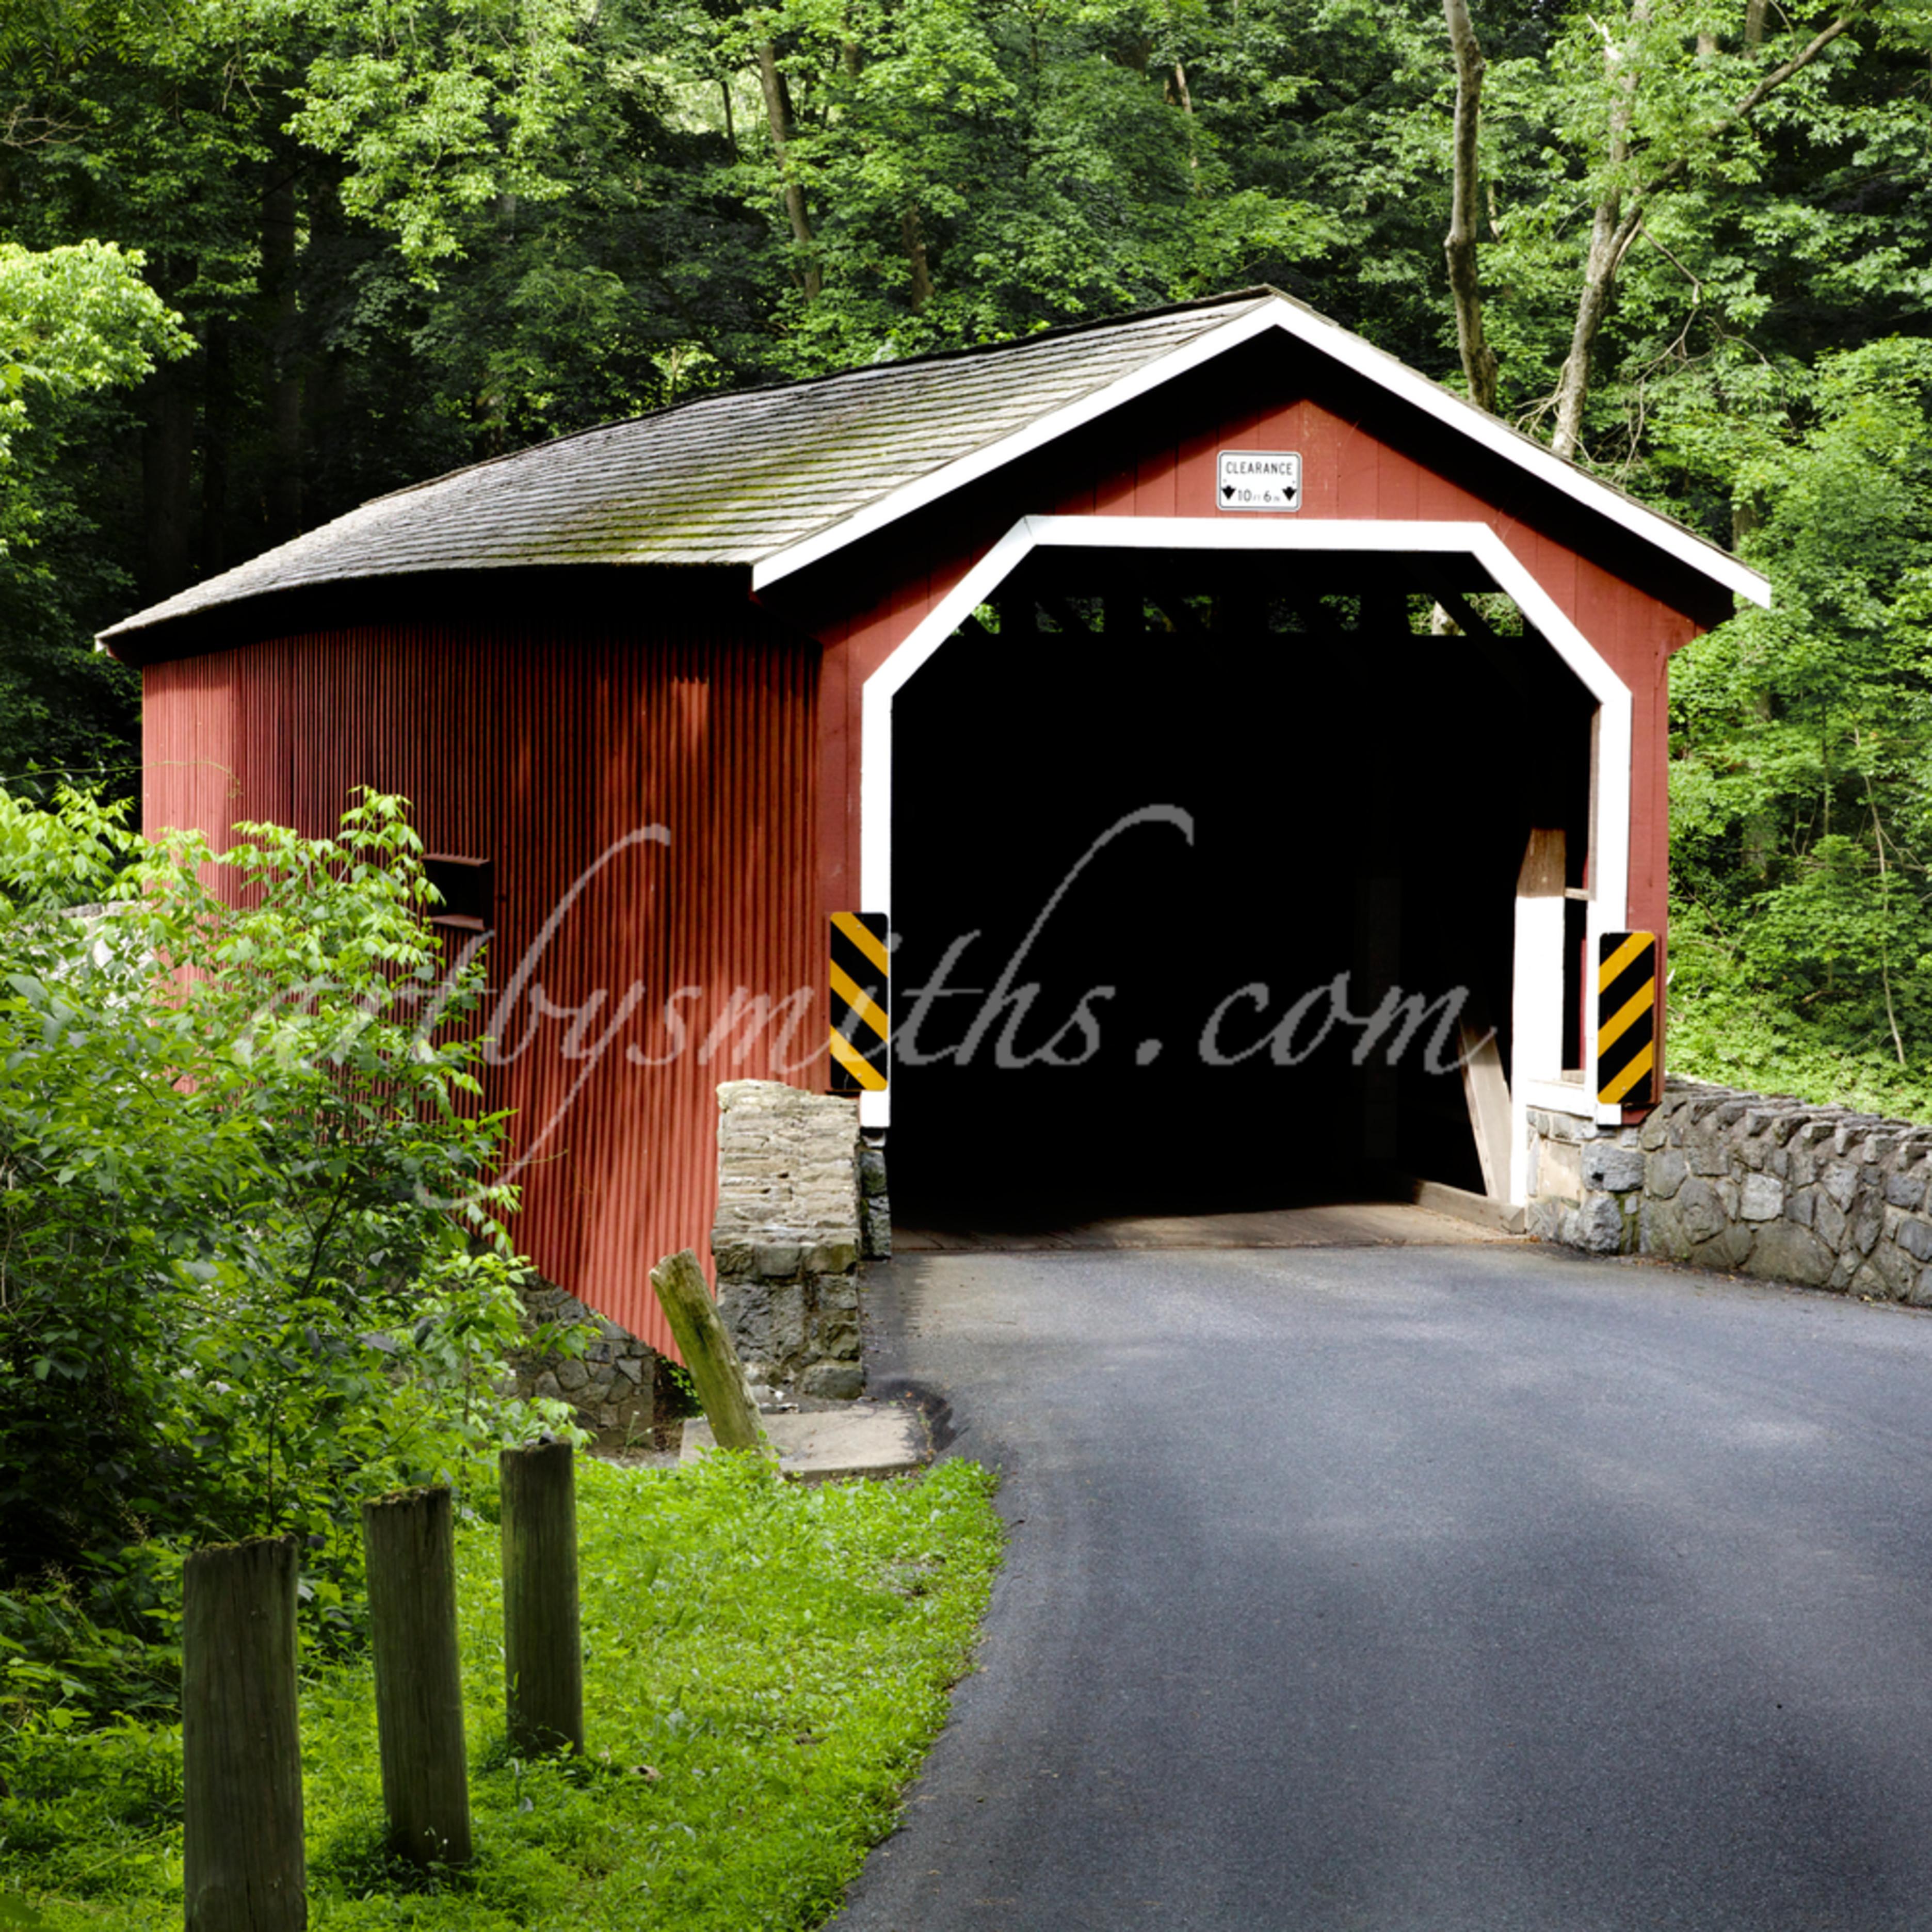 Lancaster co. covered bridge in summer nxtxlj